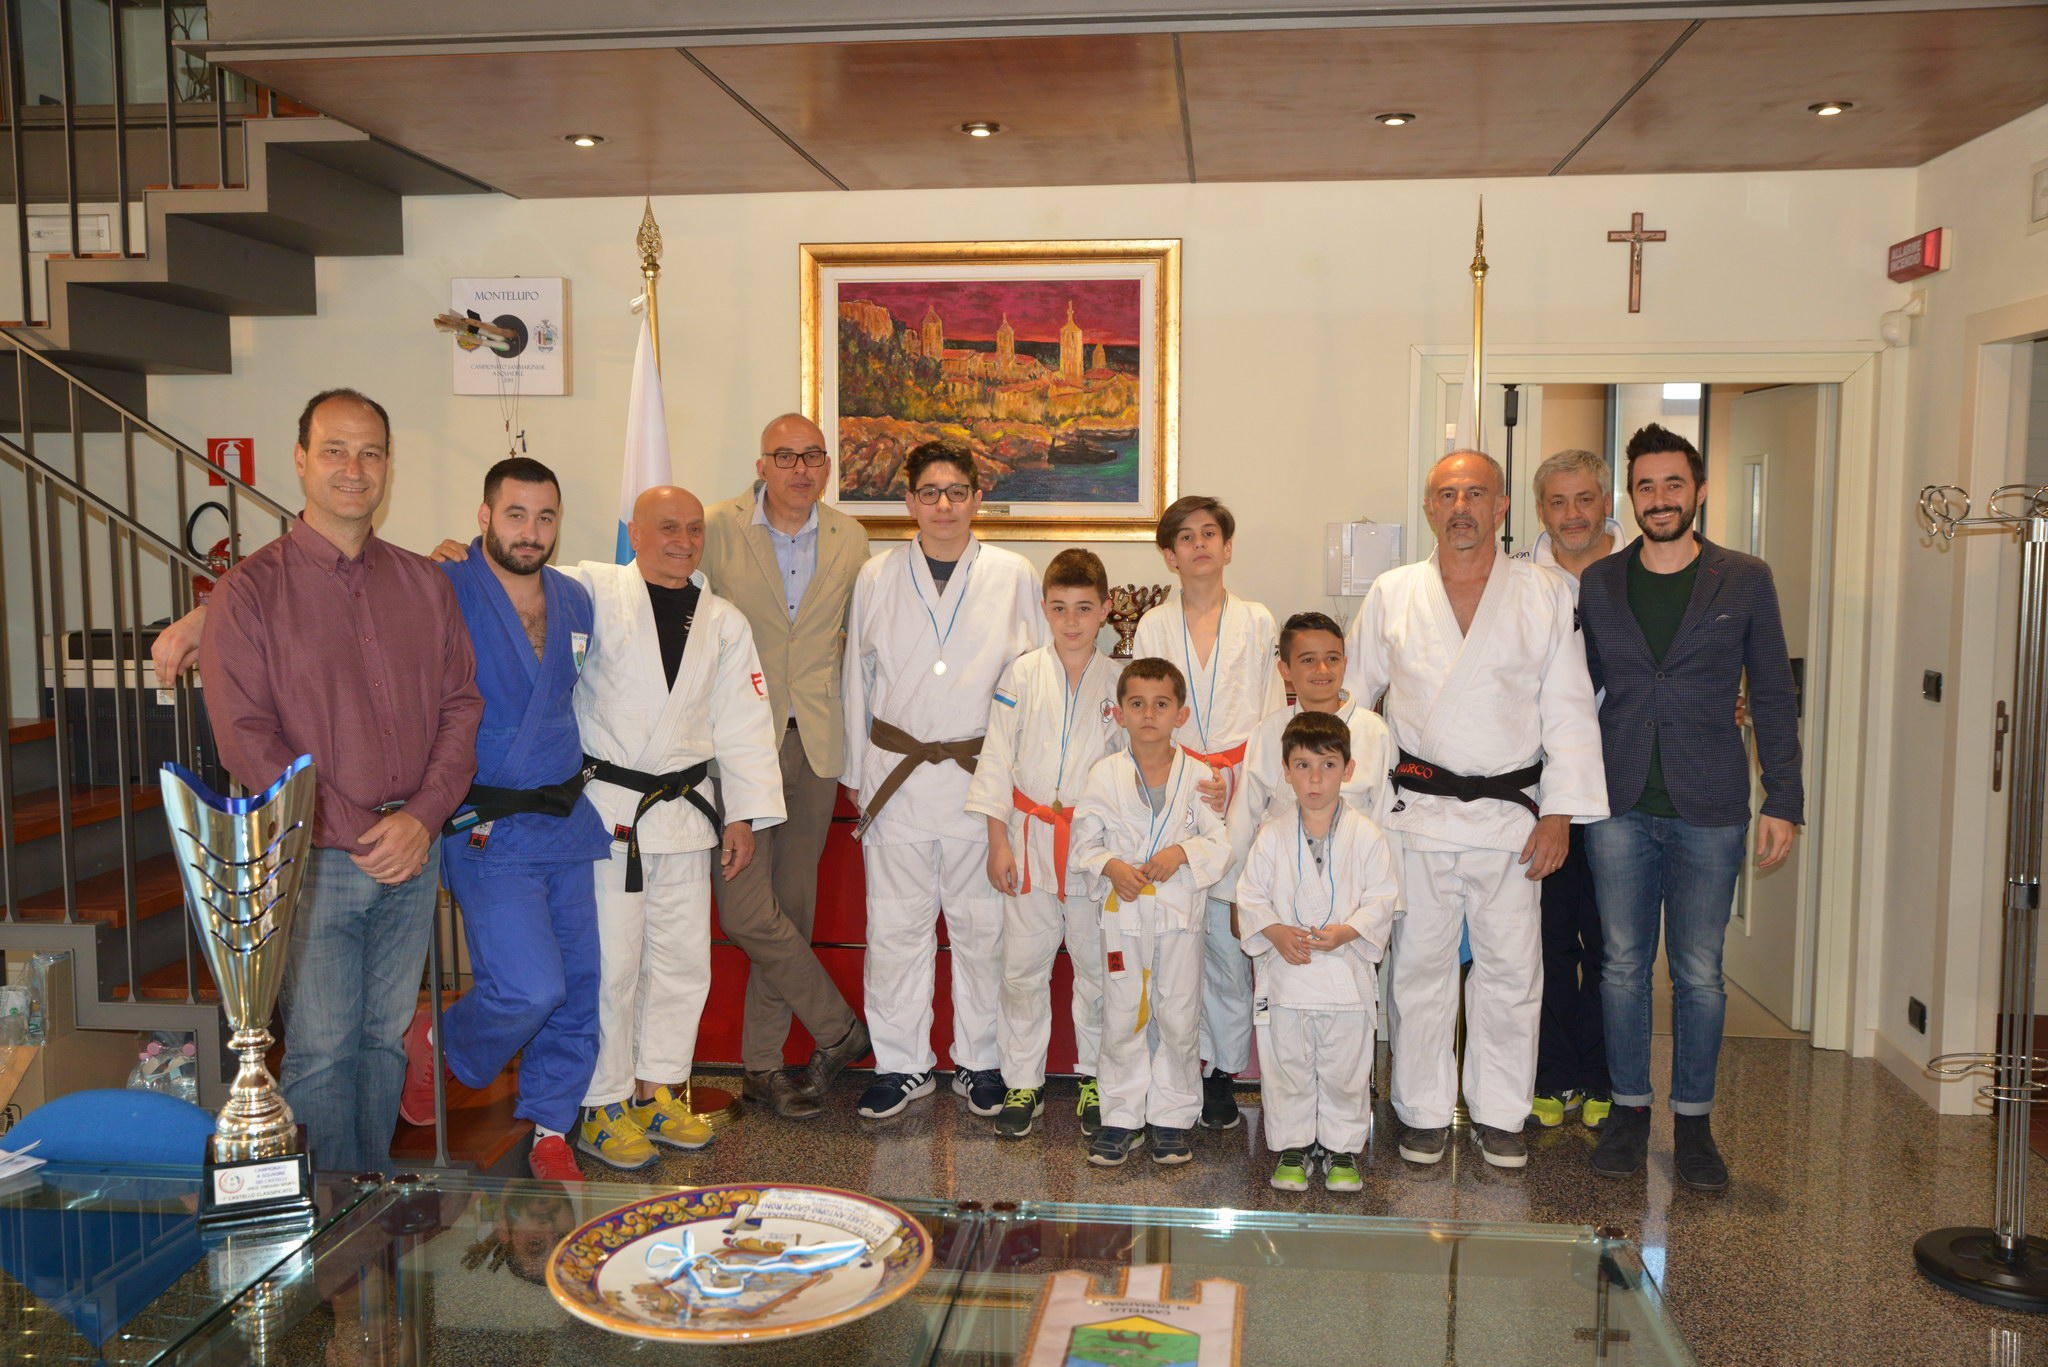 Consegnato il 1°Trofeo di Judo dei Castelli a squadre alla Giunta di Domagnano